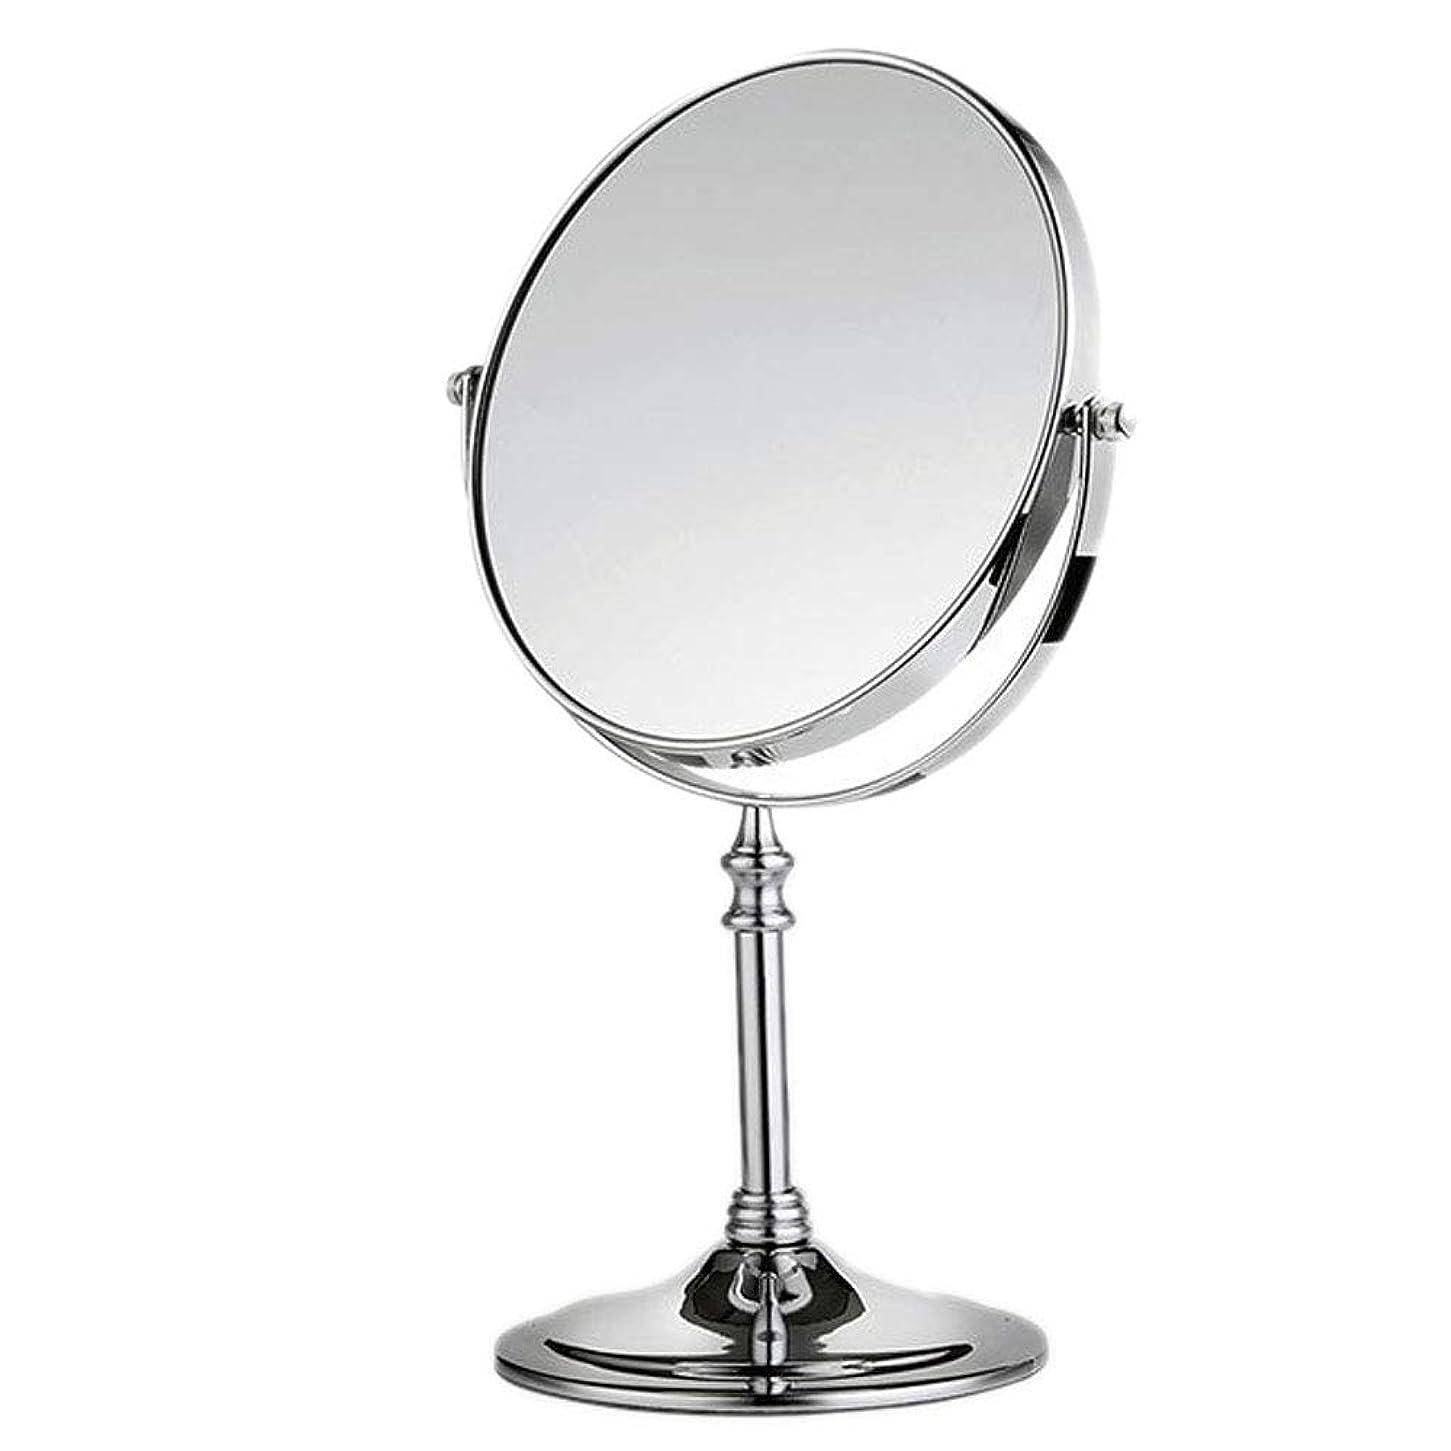 物思いにふける実現可能性害[RADISSY] 両面鏡 3倍 拡大 ミラー 角度 調節 可能 メイク 化粧 道具 底面 防滑加工 (6インチ, シルバー)